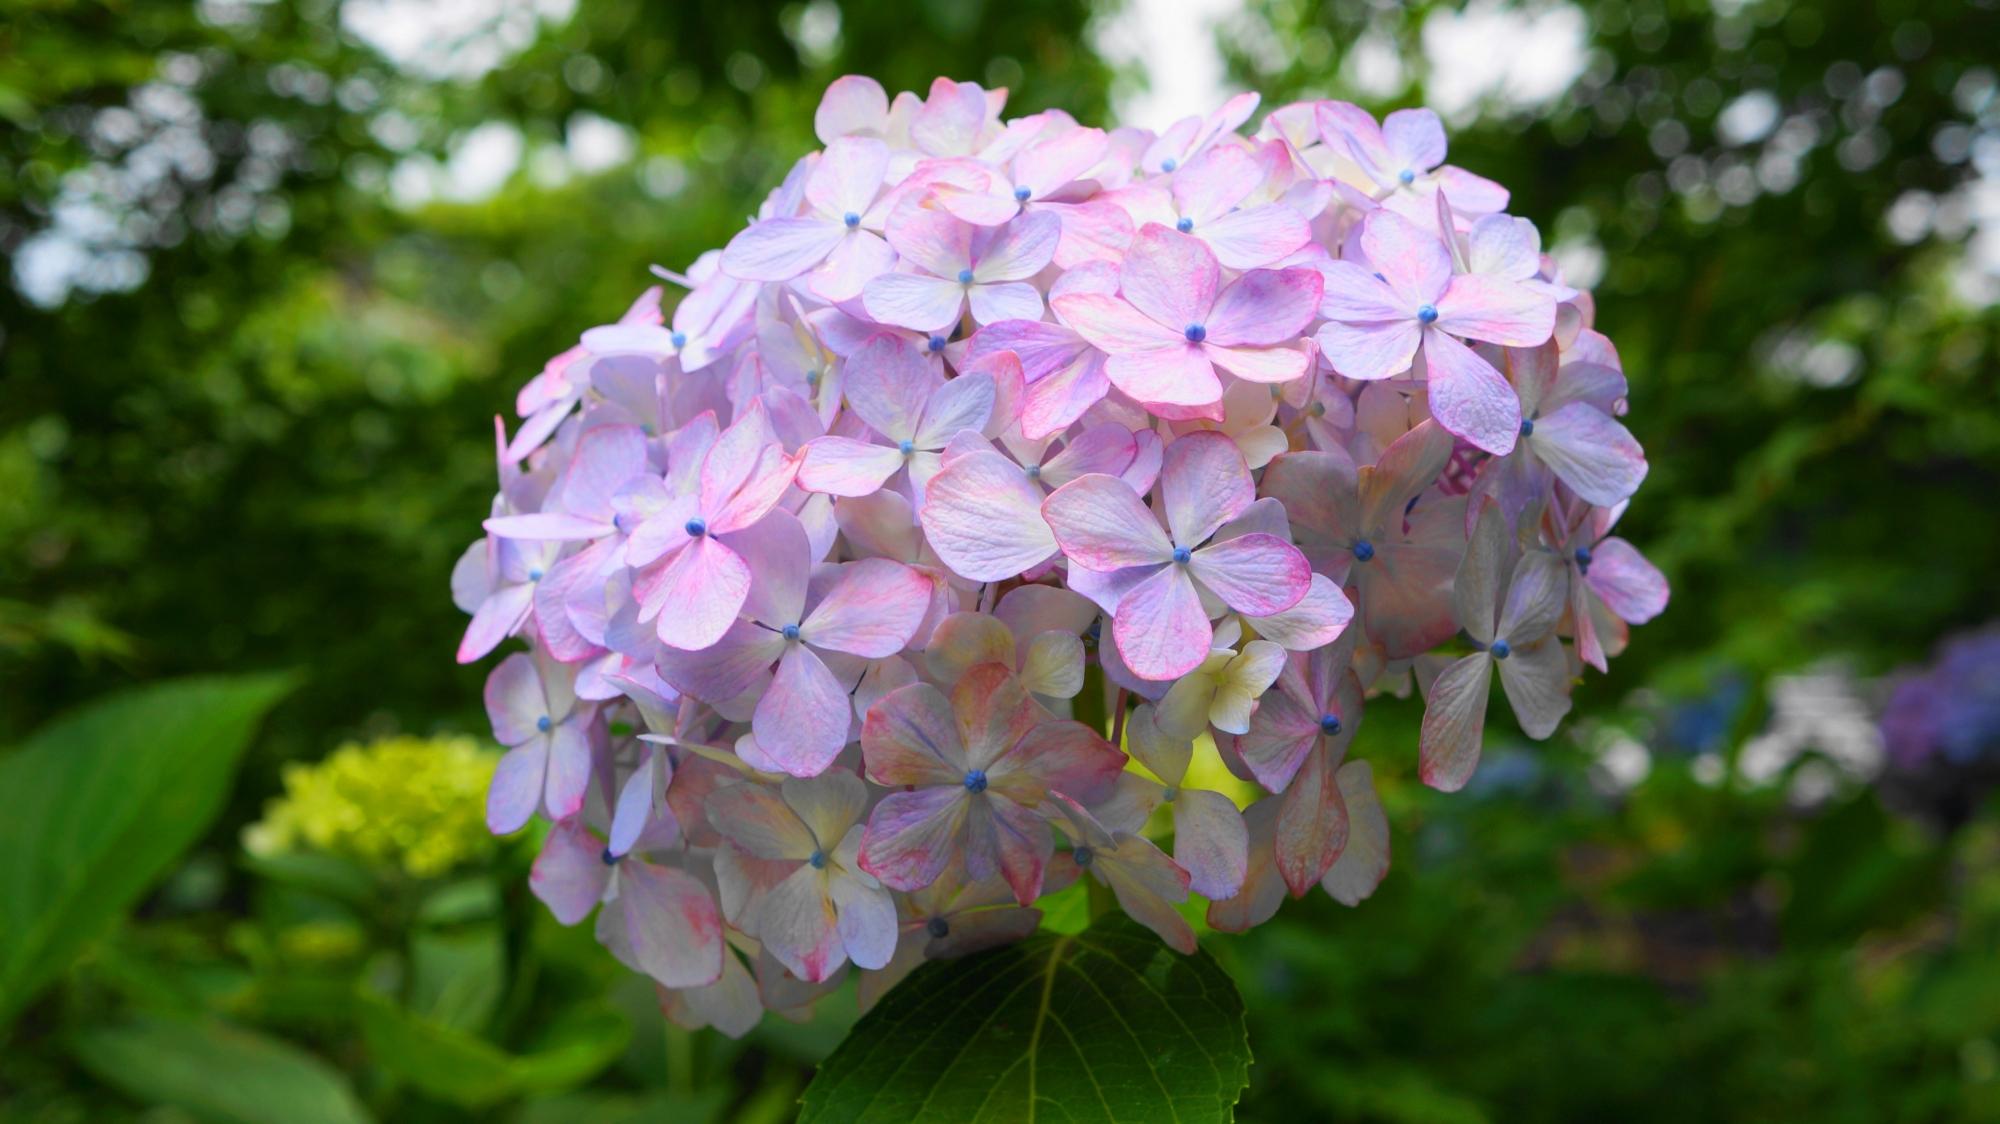 善峯寺の淡い薄紫色の優しげな紫陽花